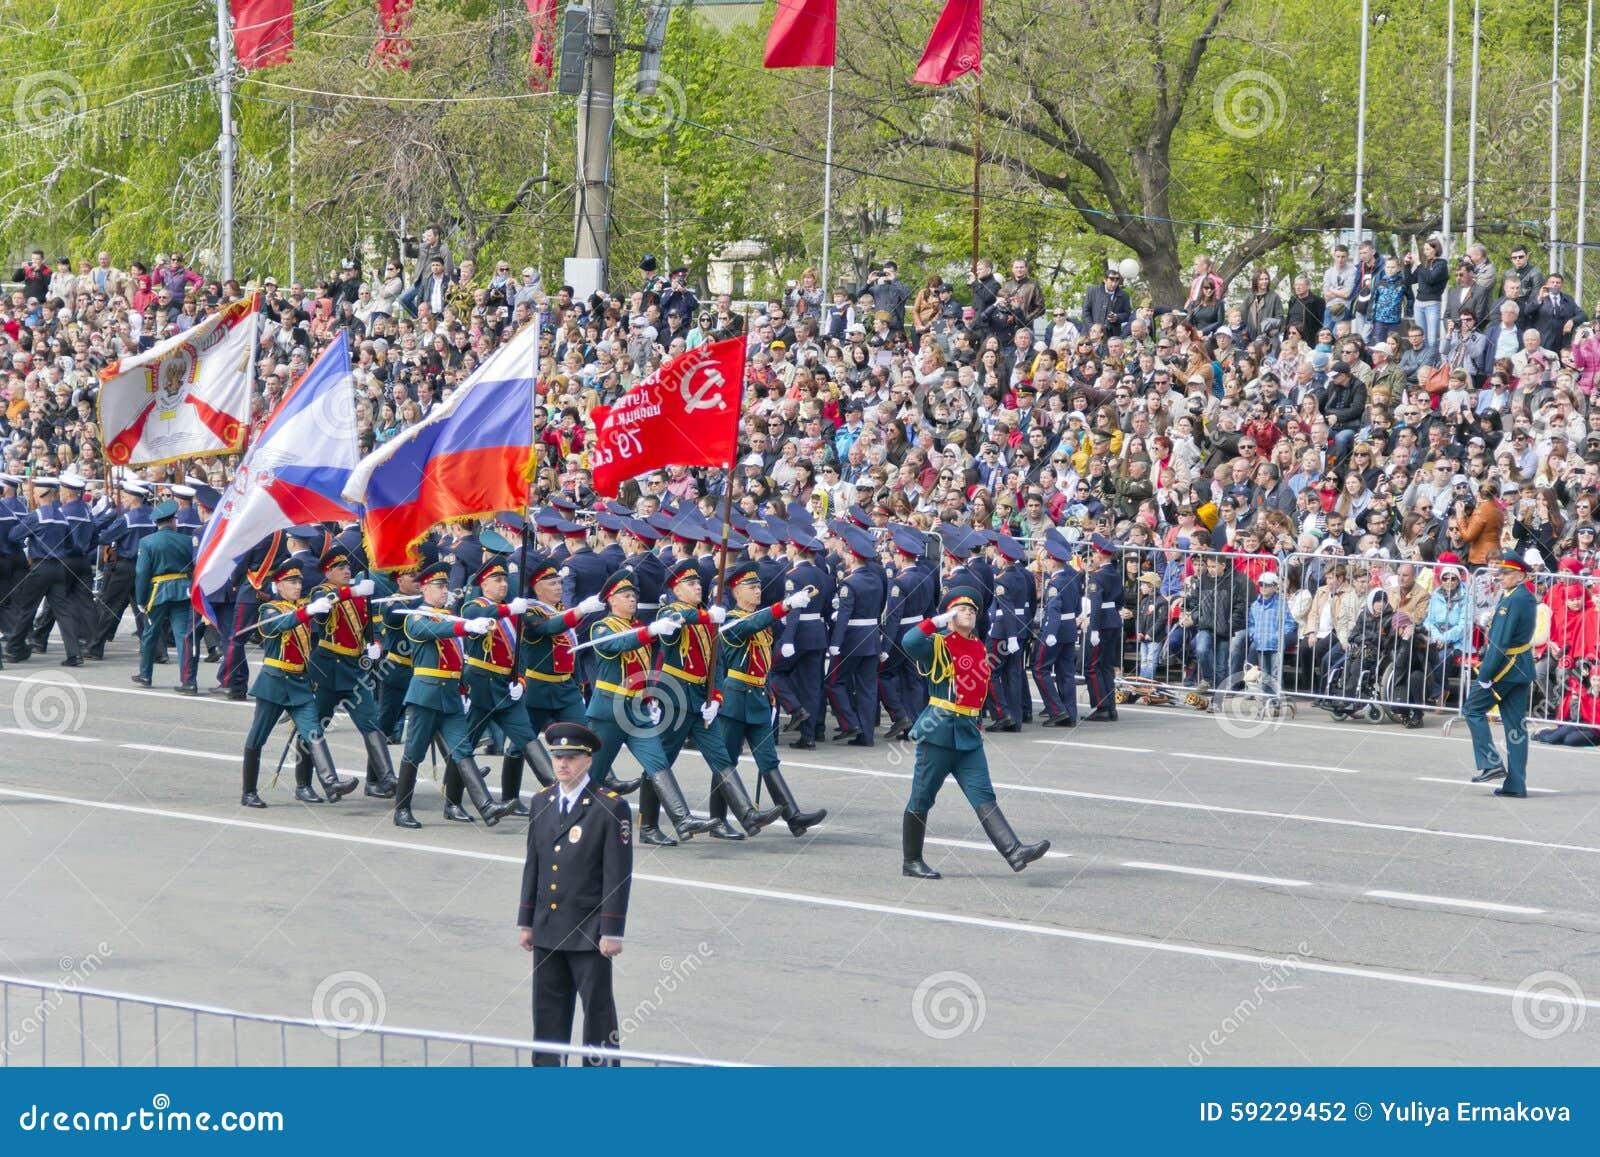 Download Ceremonia Rusa Del Desfile Militar De La Abertura En Vencedor Anual Fotografía editorial - Imagen de nuclear, indicador: 59229452